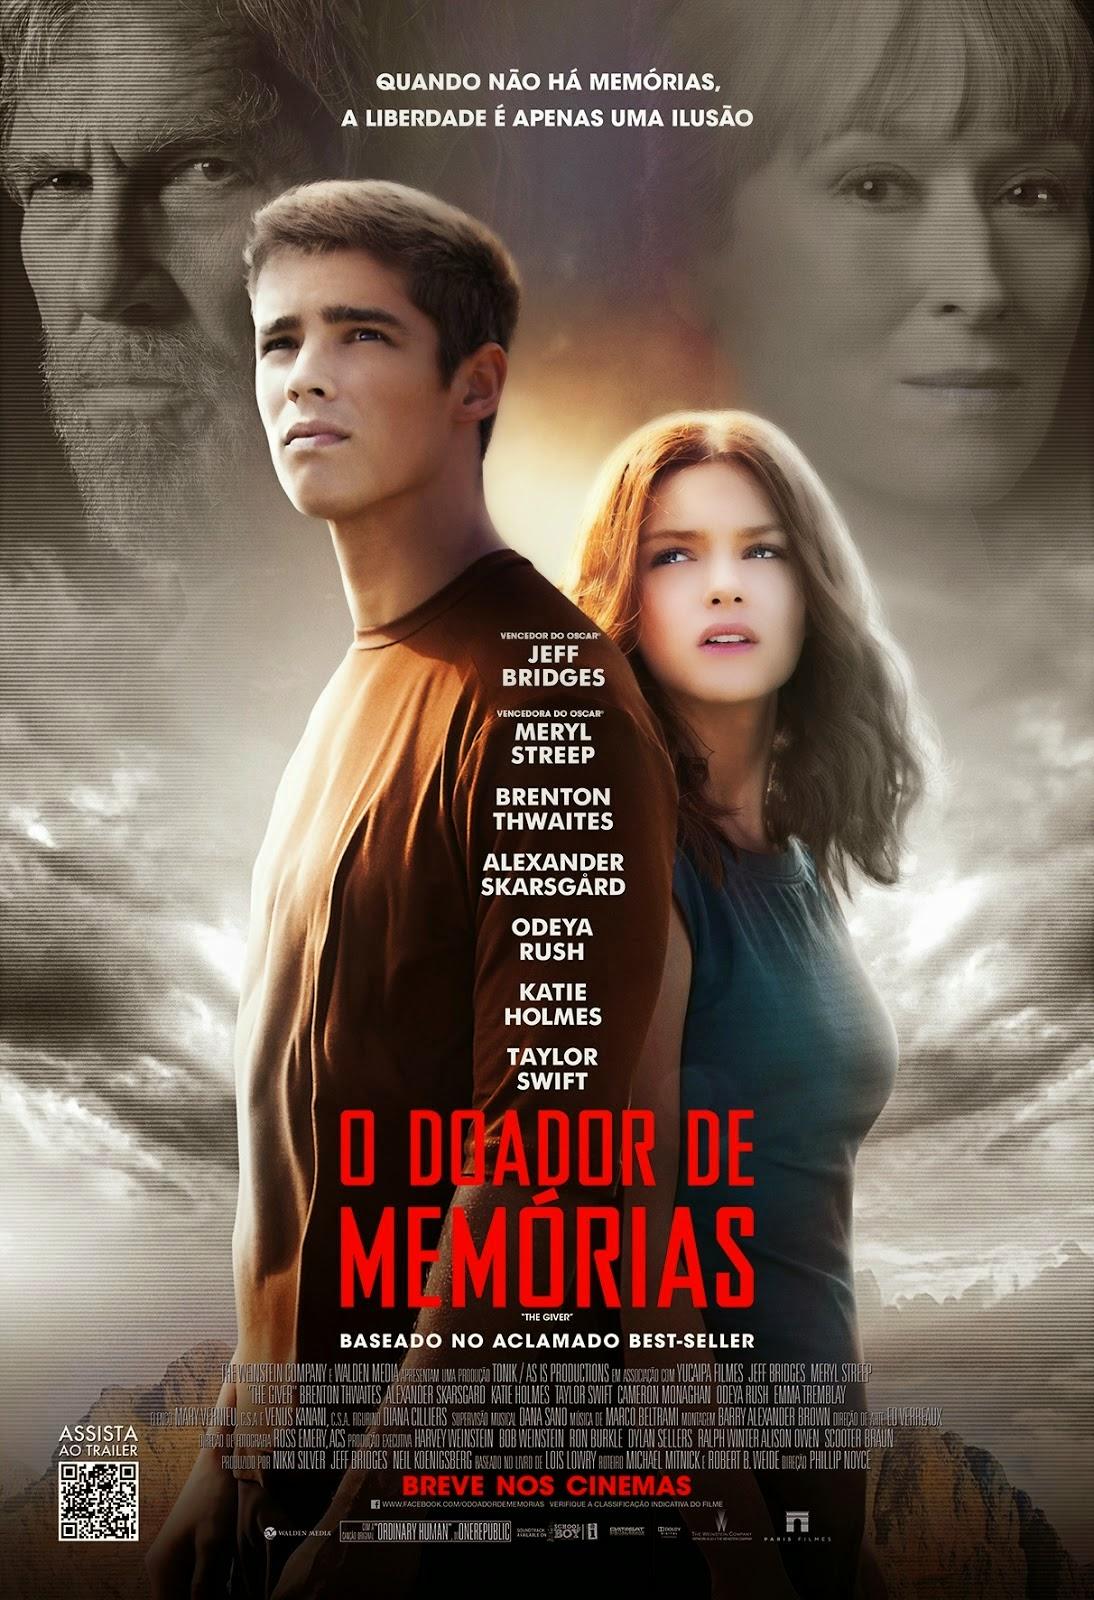 Pôster/capa/cartaz nacional de O DOADOR DE MEMÓRIAS (The Giver)